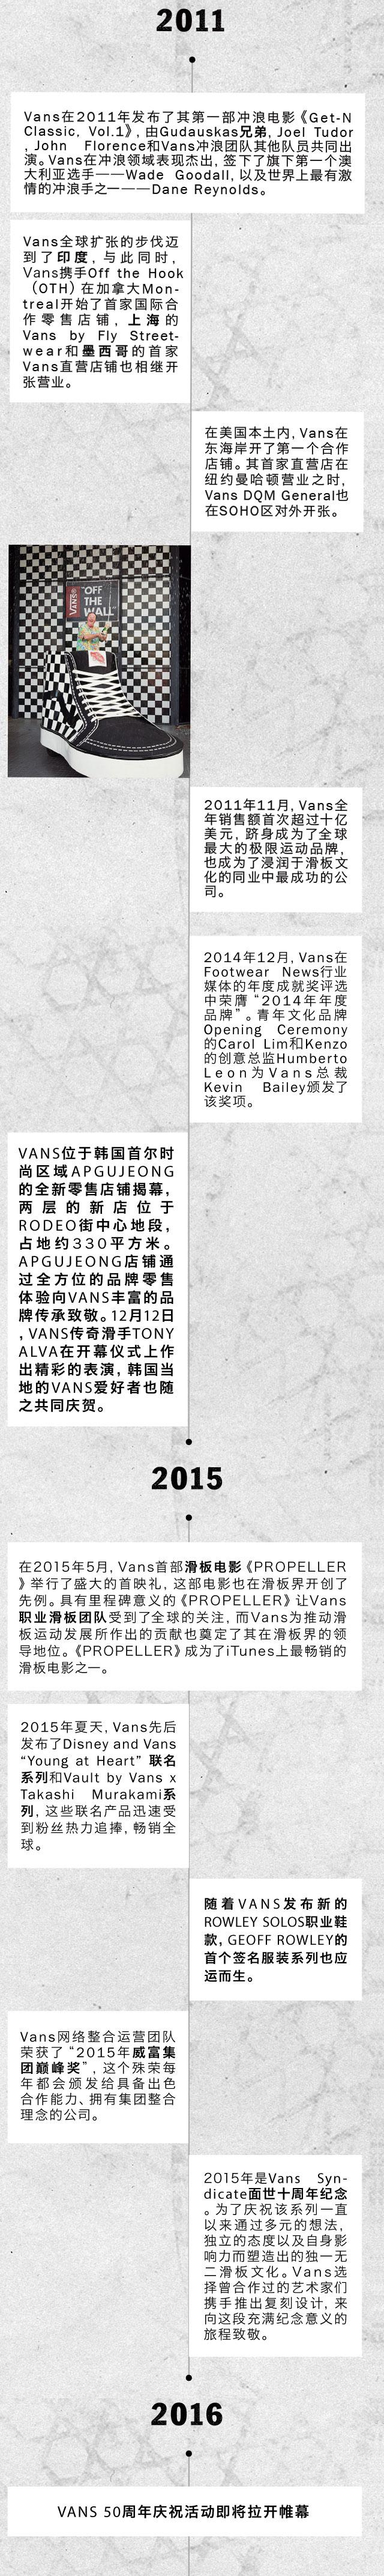 Vans-Brand-History_Mobile_06